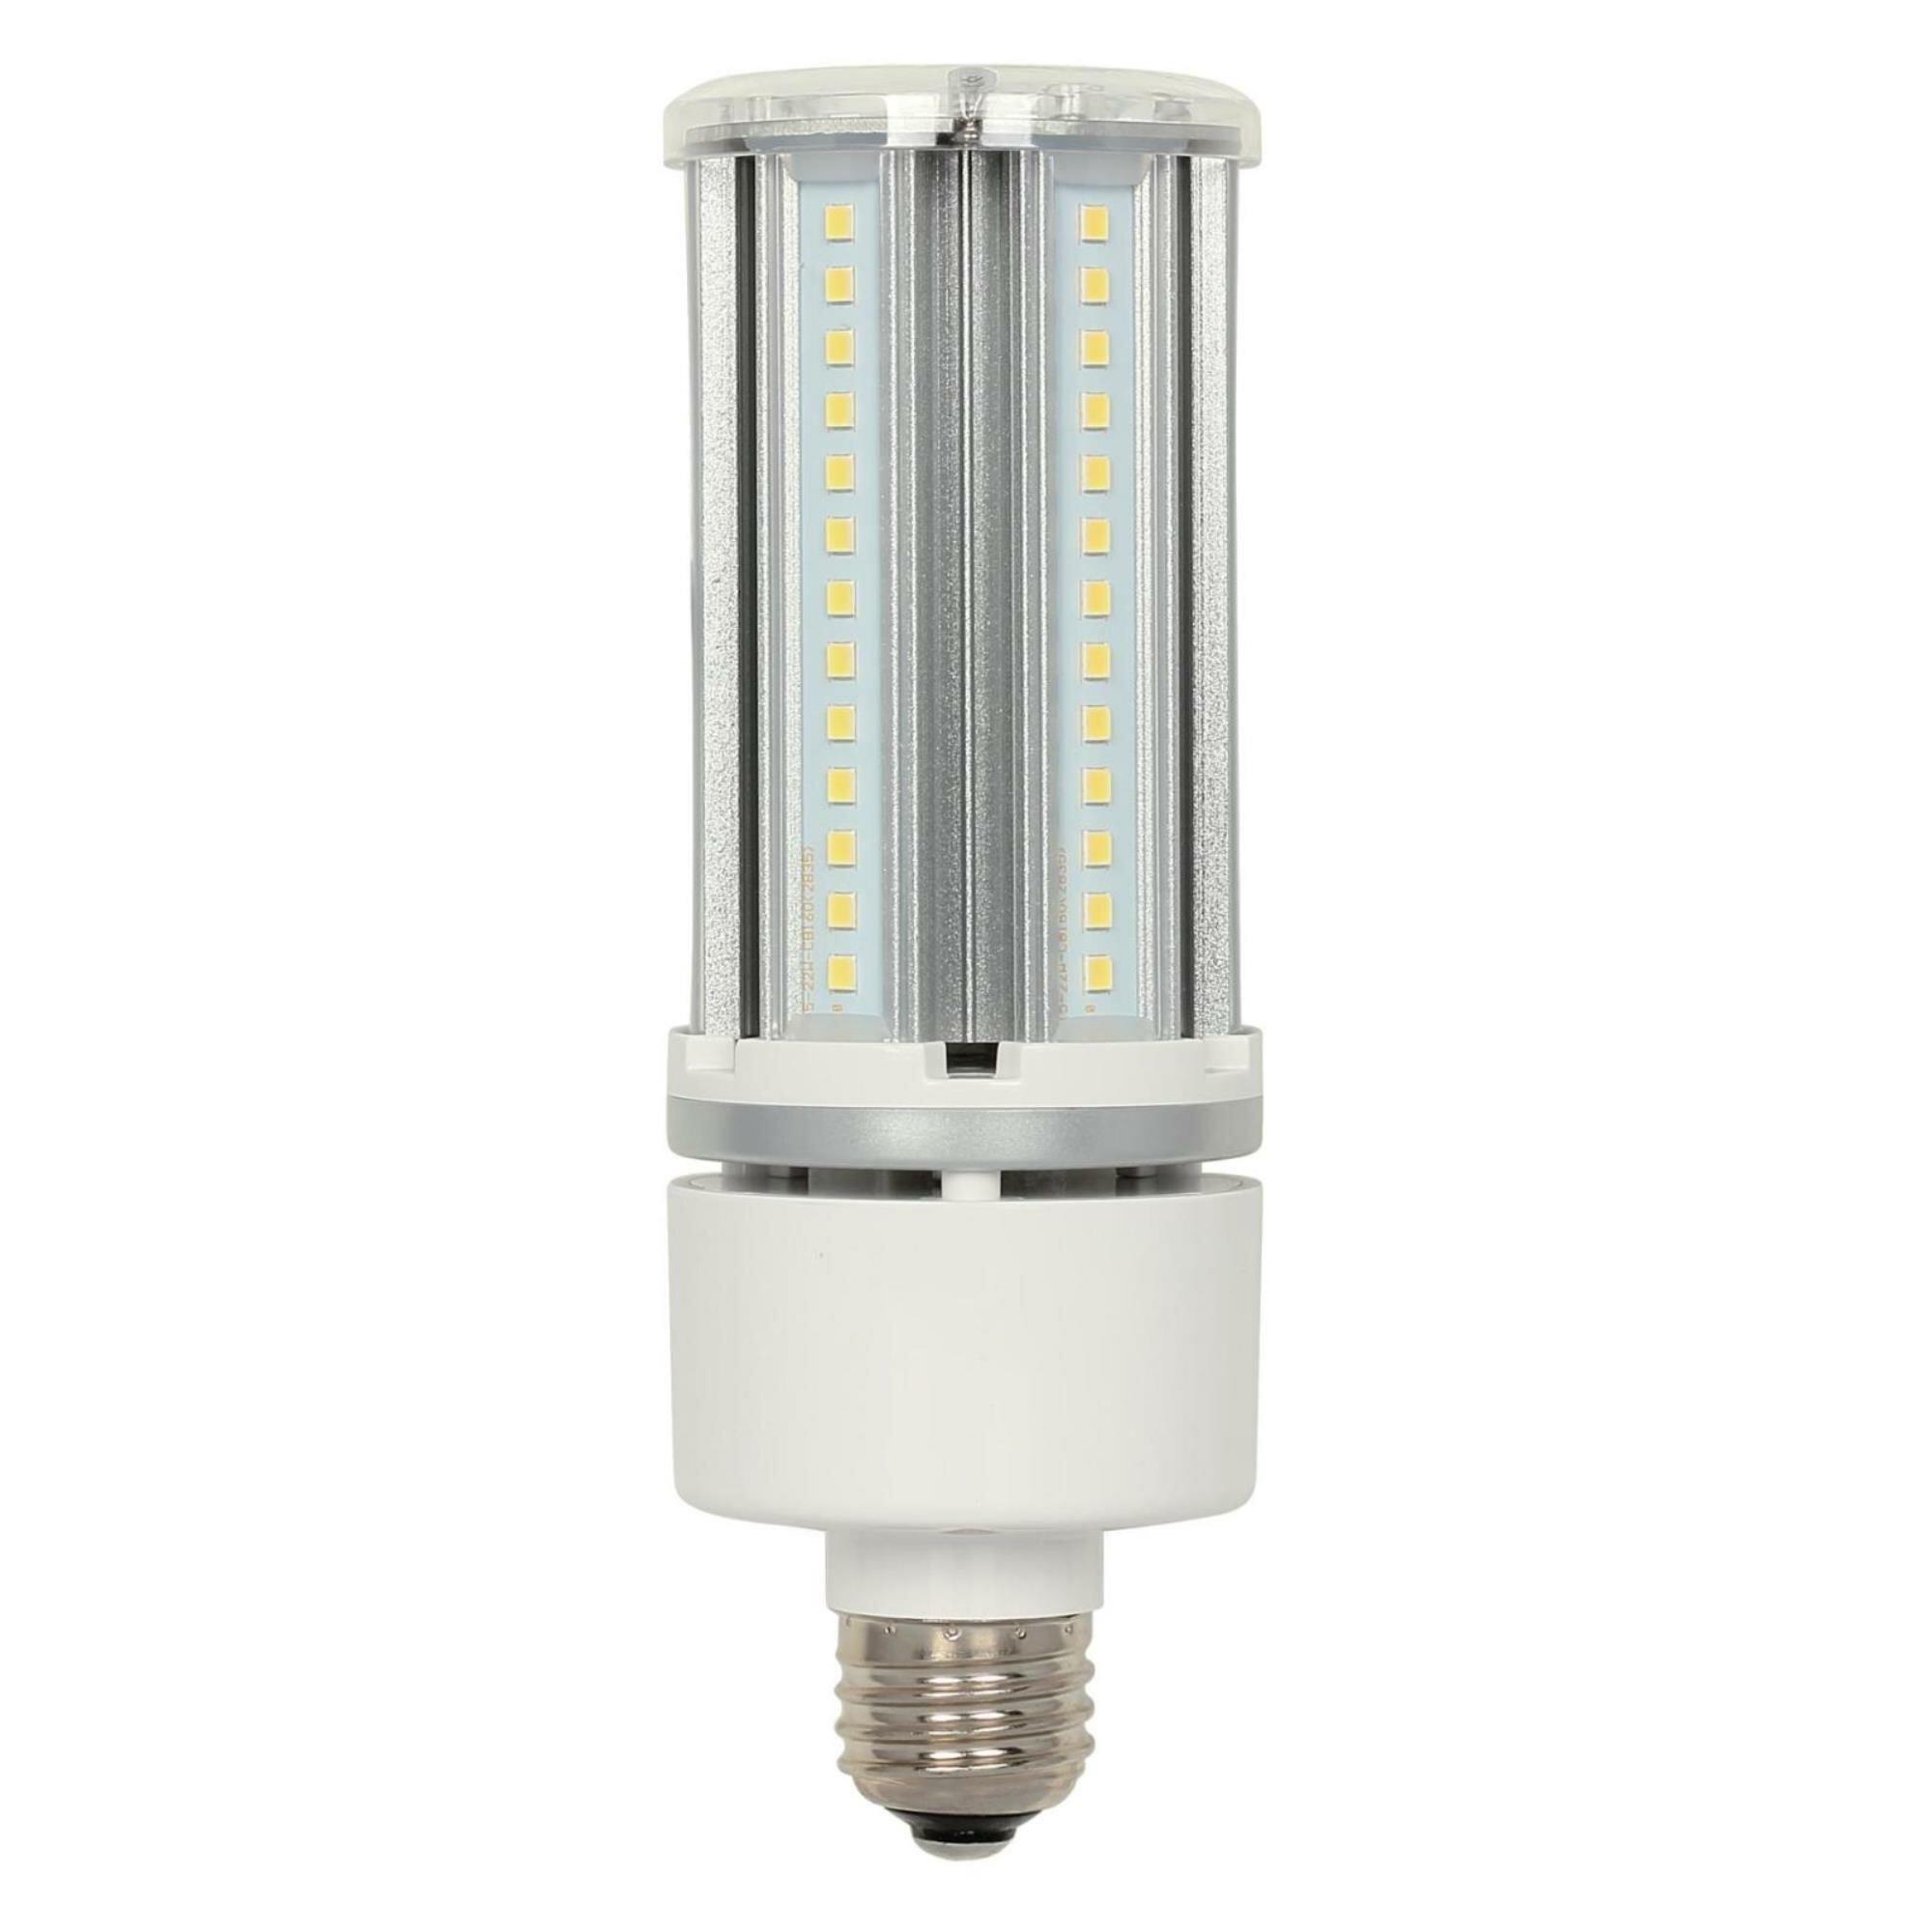 Westinghouse Lighting 150 Watt Equivalent Led Non Dimmable Light Bulb Daylight 5000k E26 Base Wayfair